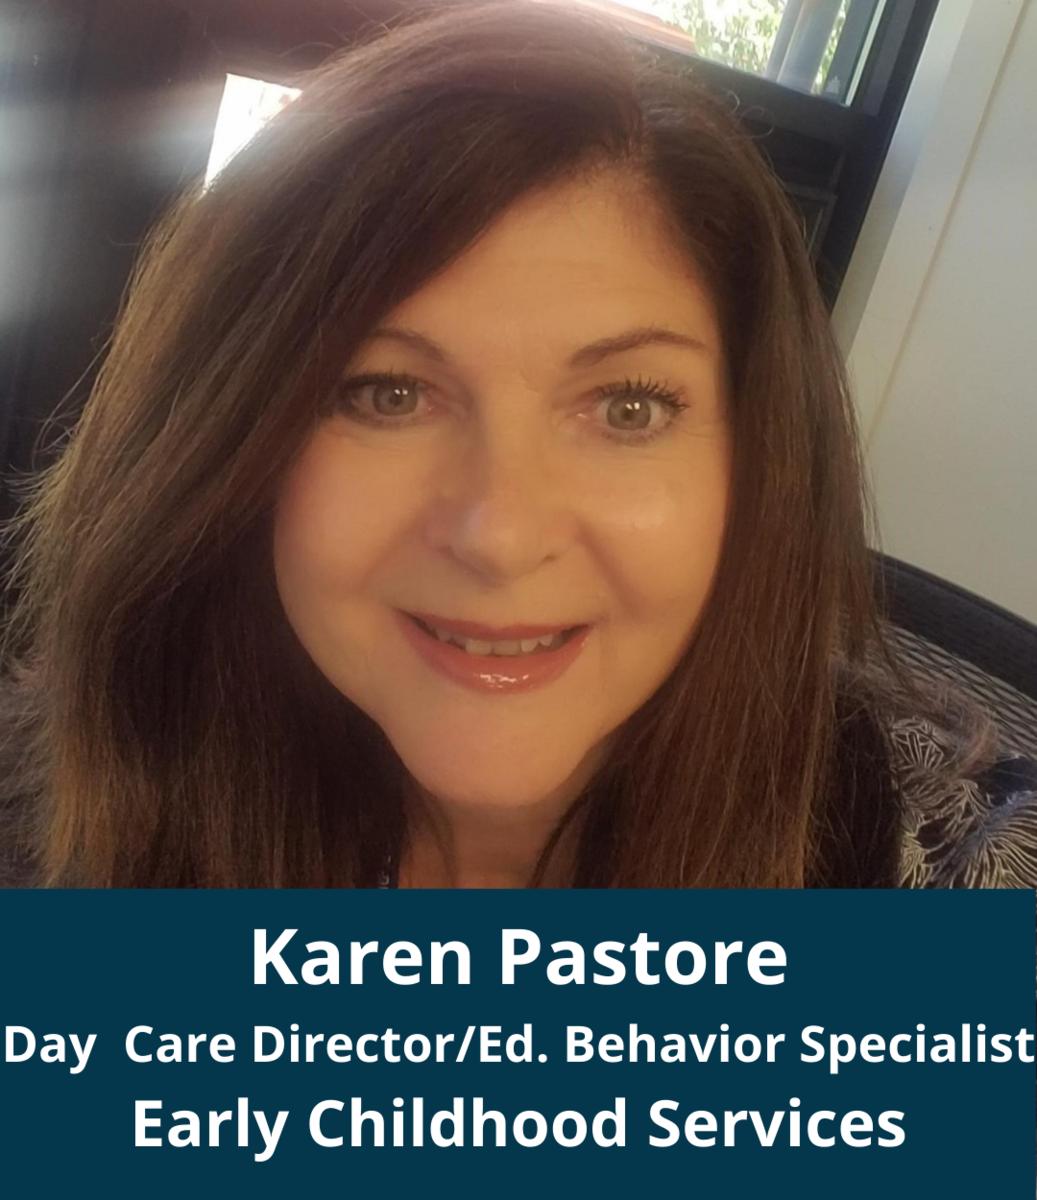 Karen Pastore